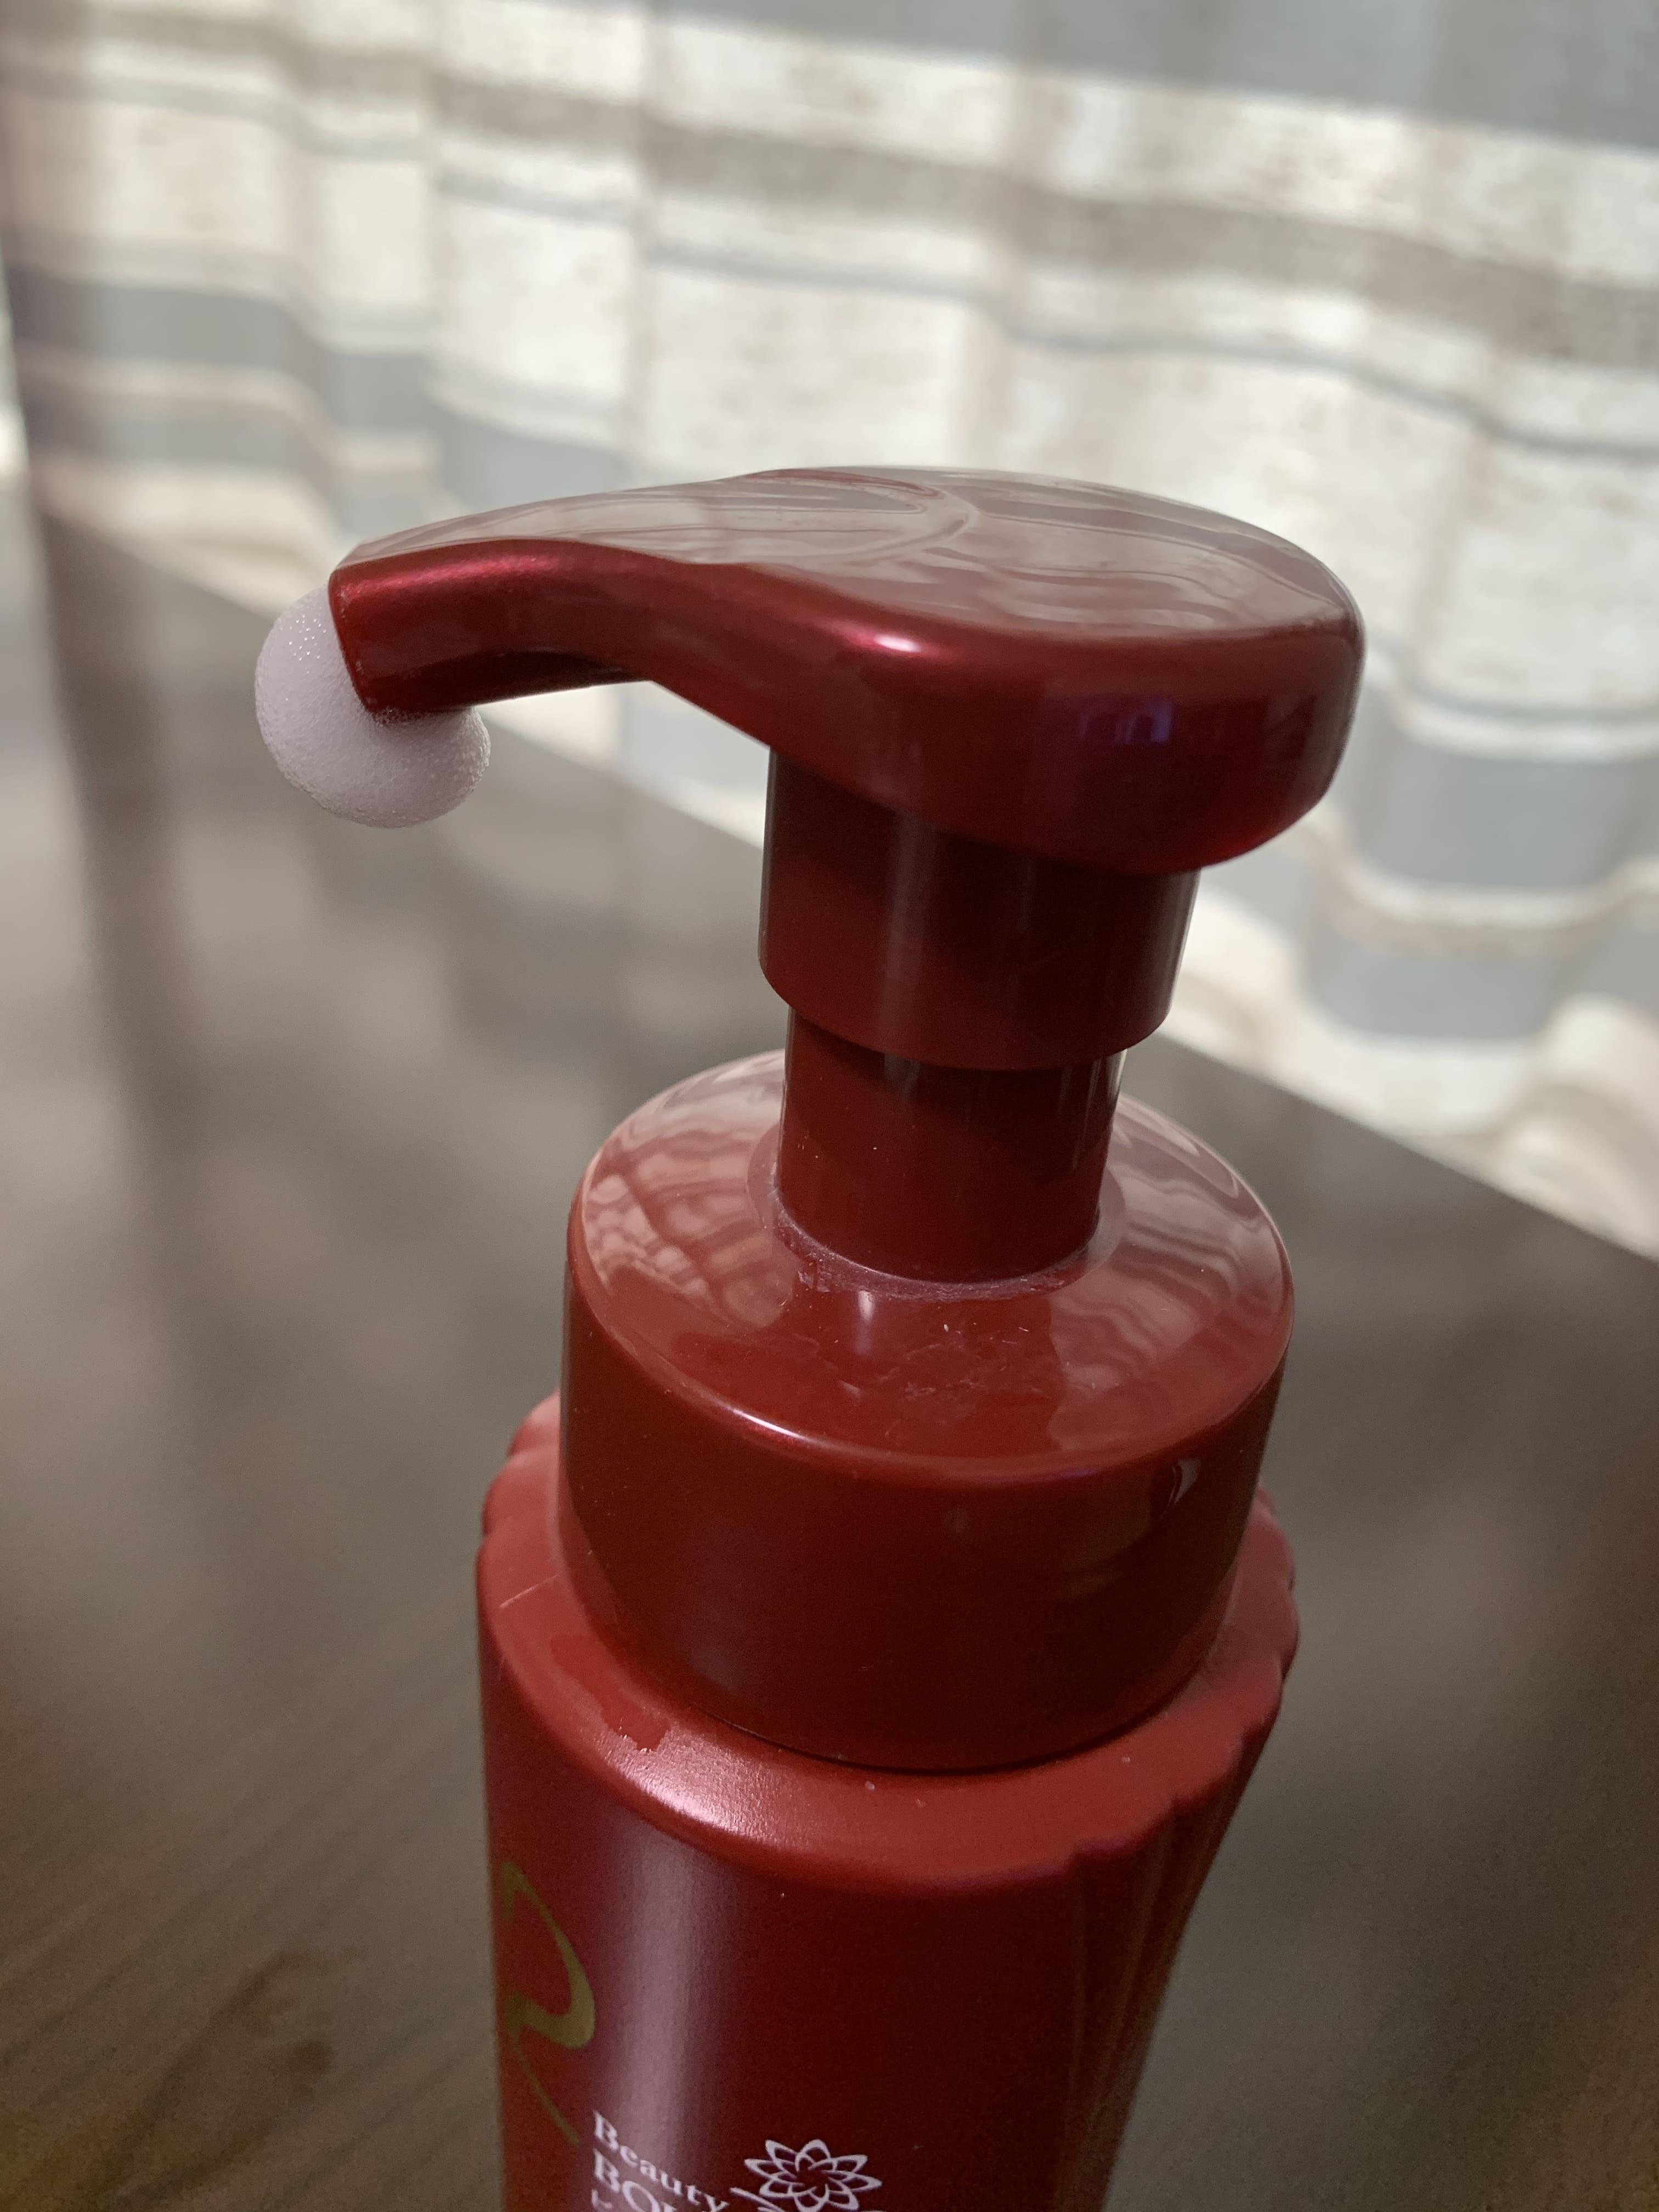 ファンケル(Fancl)ビューティーブーケやわ肌泡洗顔料を使ってみた